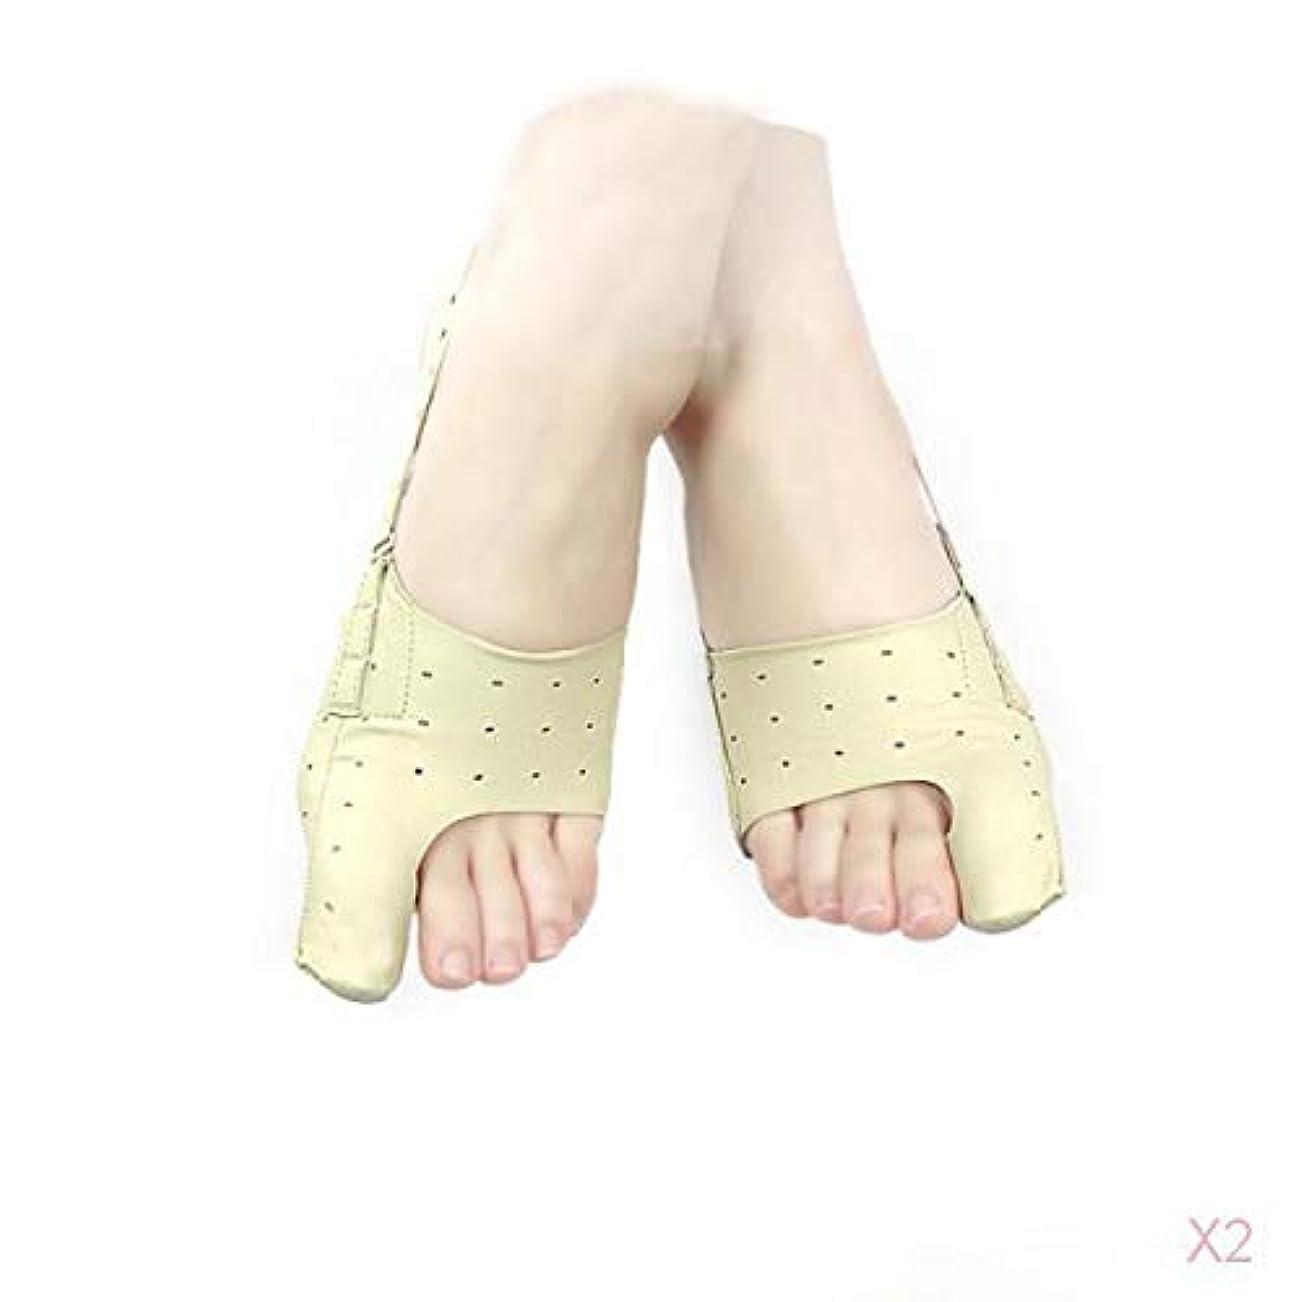 根絶する超音速協会Hellery 親指サポーター バニオン スプリント 外反母趾矯正 超薄型 デイ&ナイト L 痛みを軽減 2個入